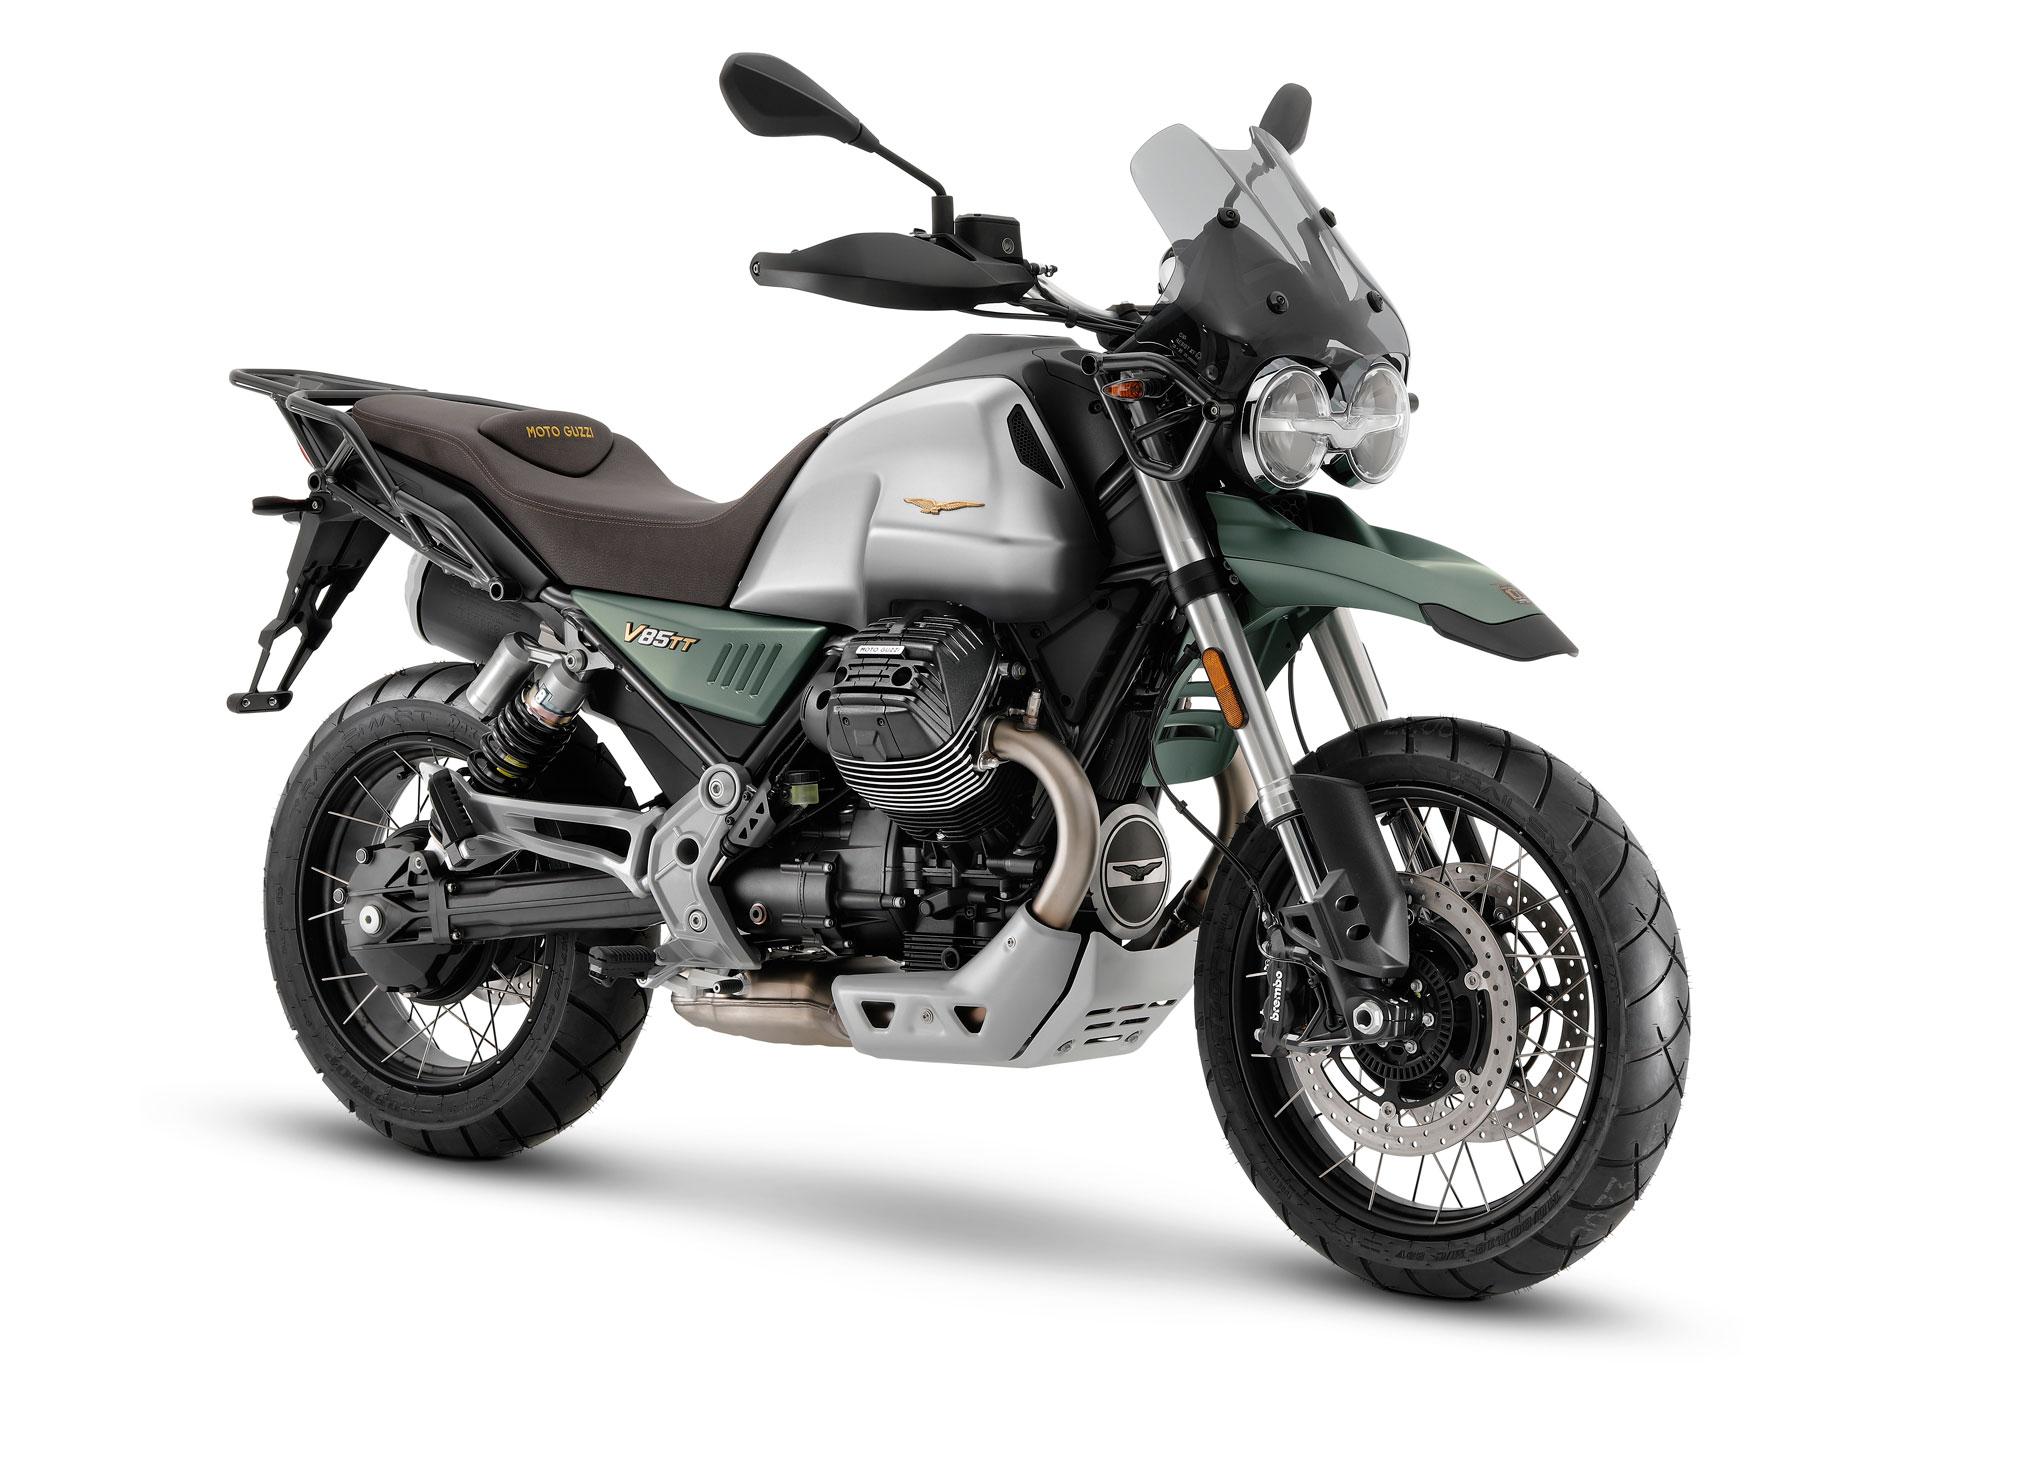 2021-Moto-Guzzi-V85-TT-Centenario2.jpg